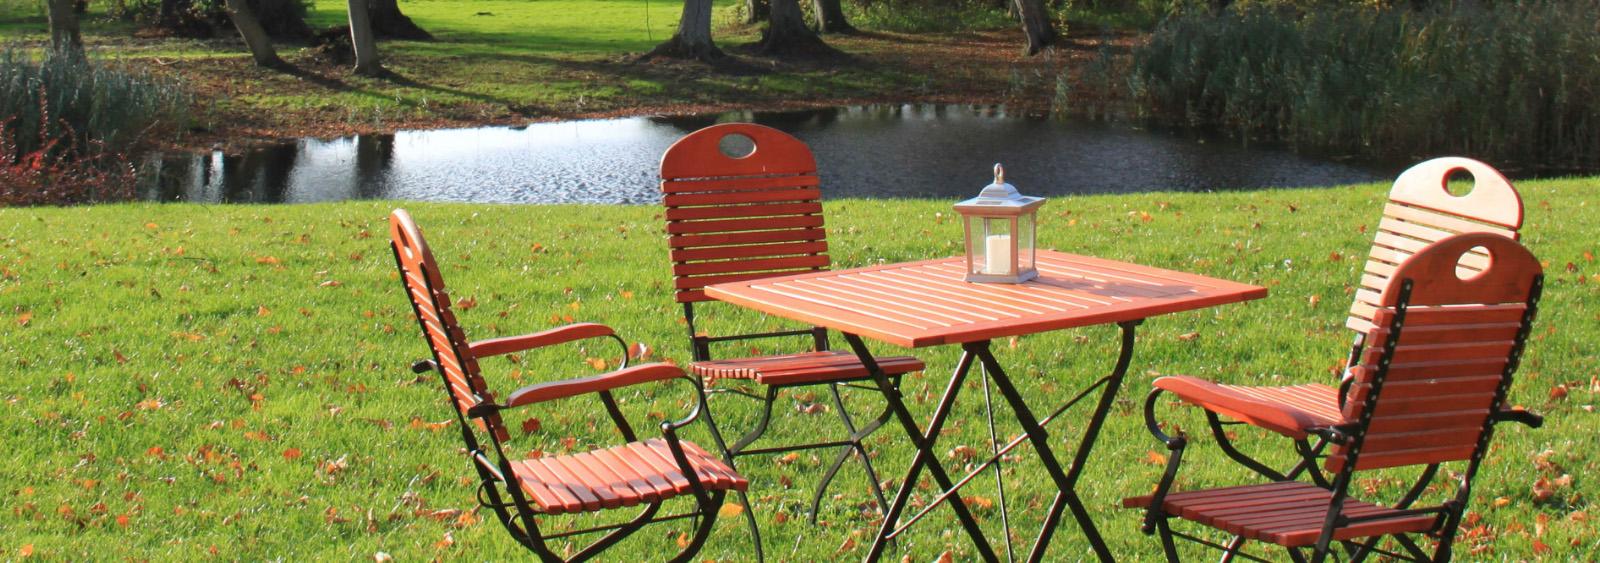 Uso y disfrute de mobiliario de jardín